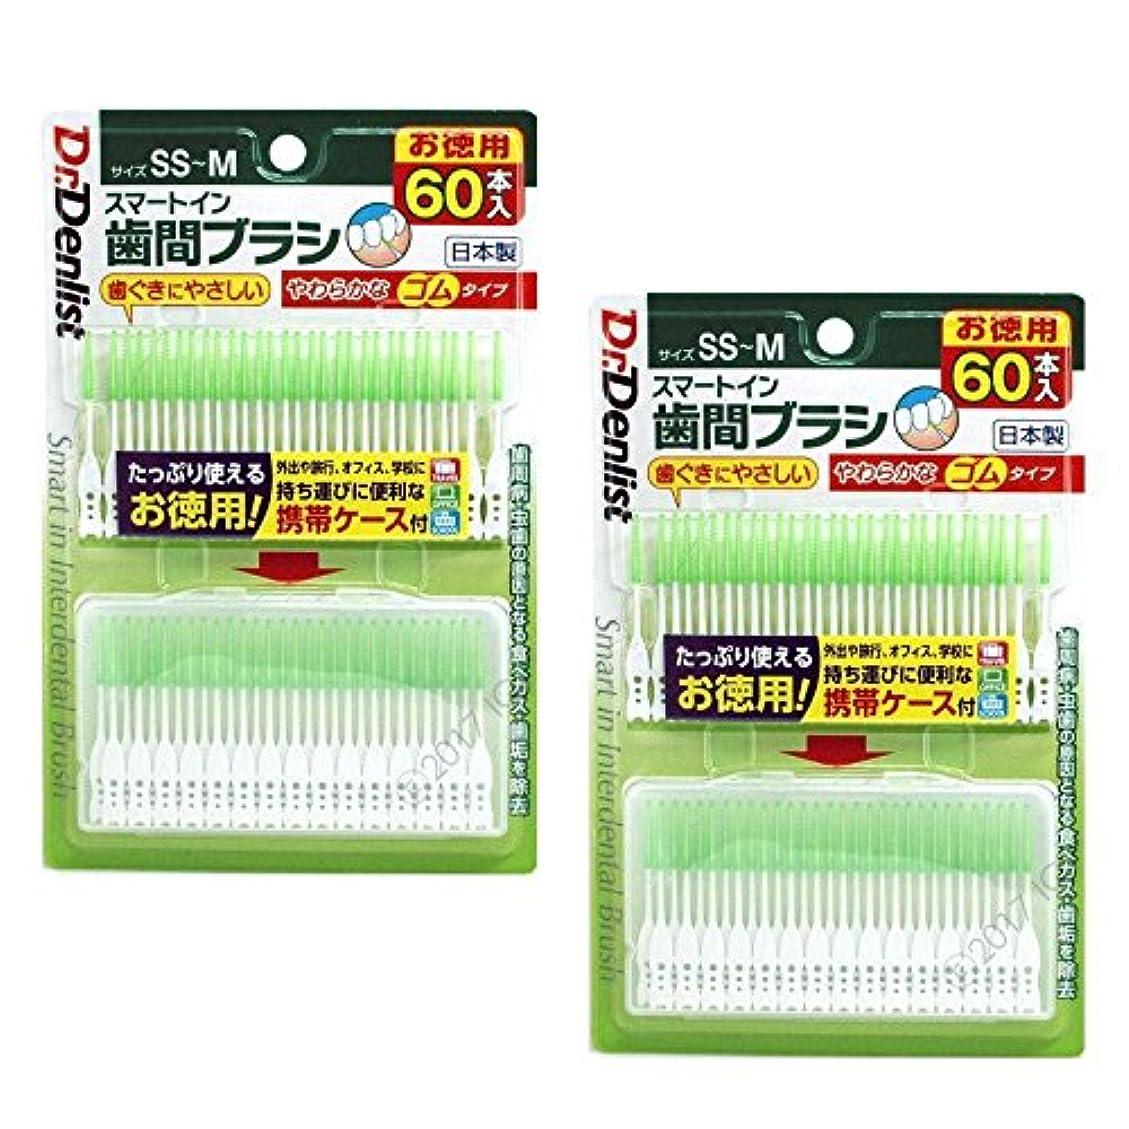 いたずらのり修理可能歯間ブラシ スマートイン 60本×2個(計120本) お徳用 やわらかなゴムタイプ